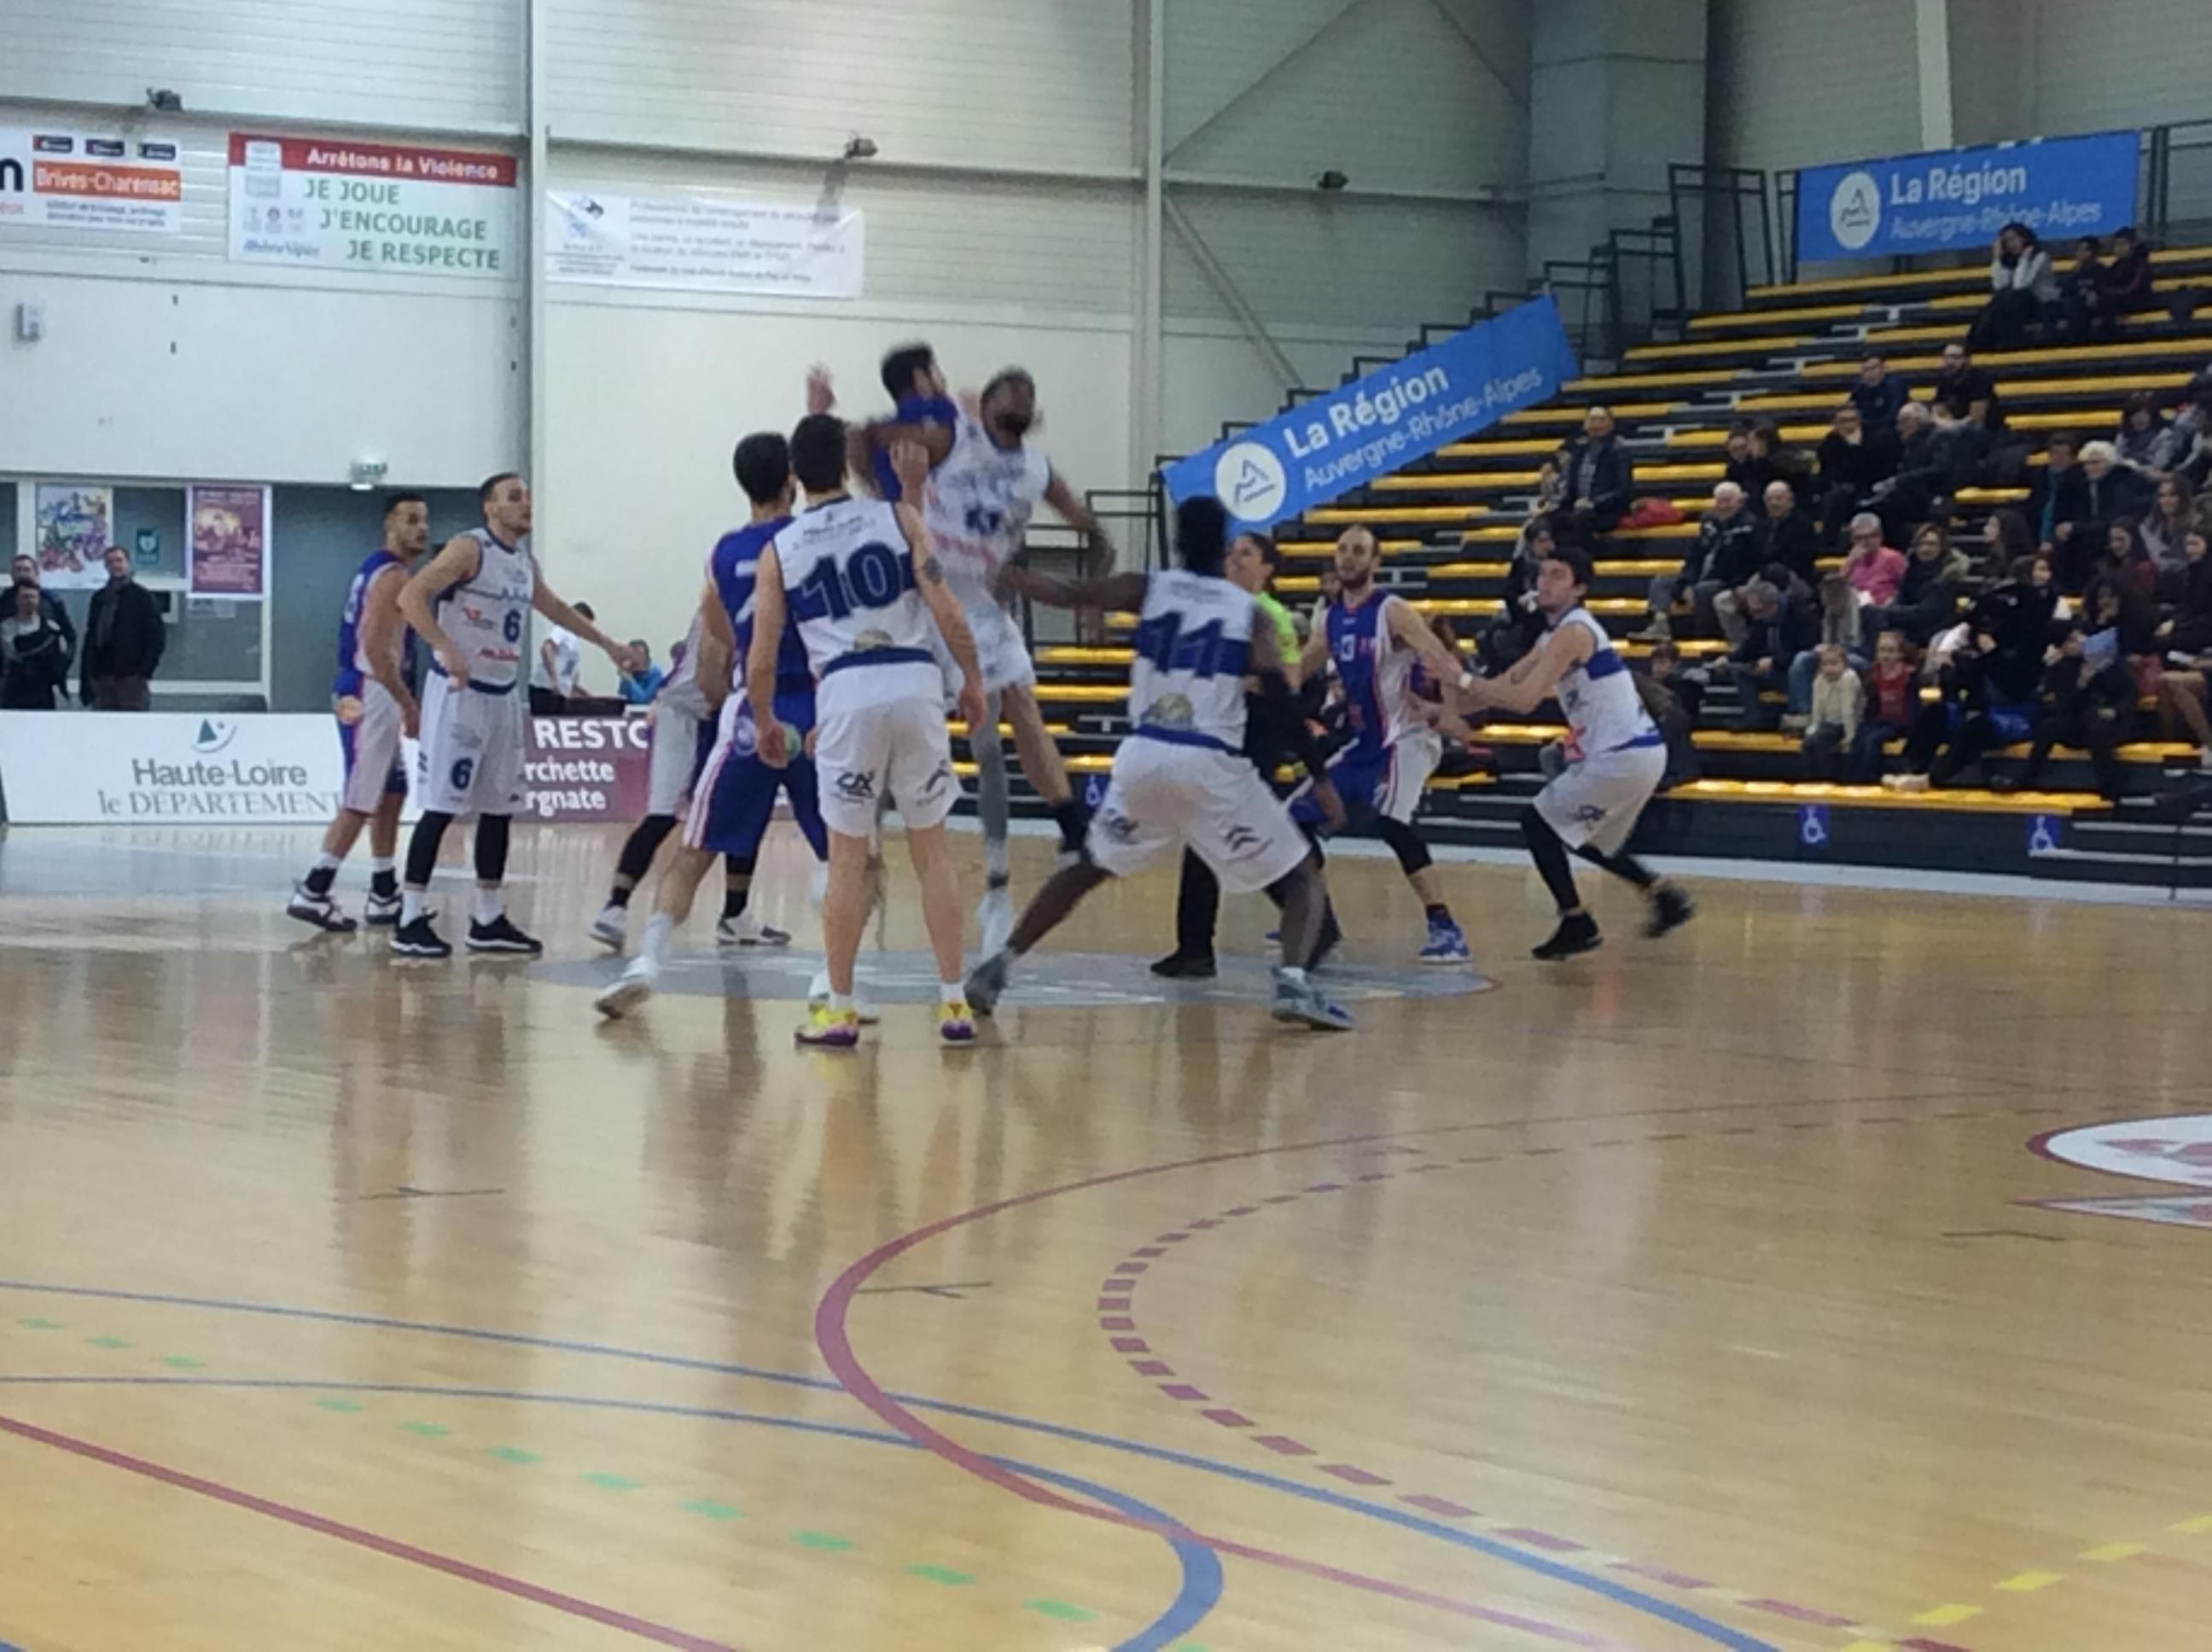 nationale 2 basket asmb le puy 61-85 beaujolais basket réac après match 110219